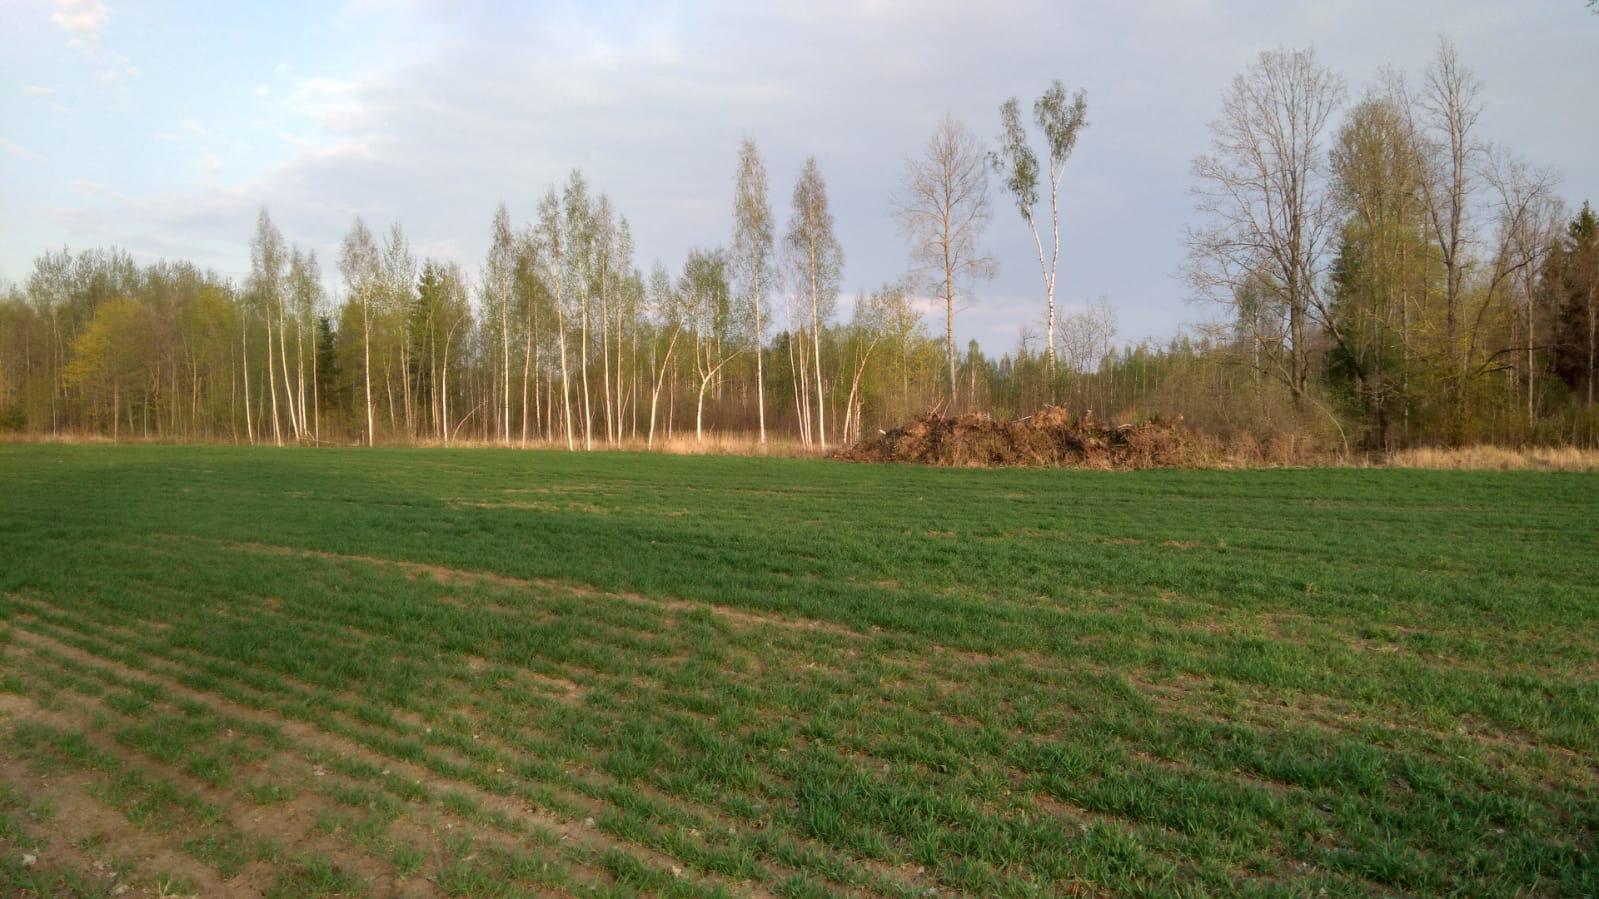 Paziņojums par ietekmes uz vidi novērtējuma aktuālās Ziņojuma iesniegšanu vides pārraudzības valsts birojam